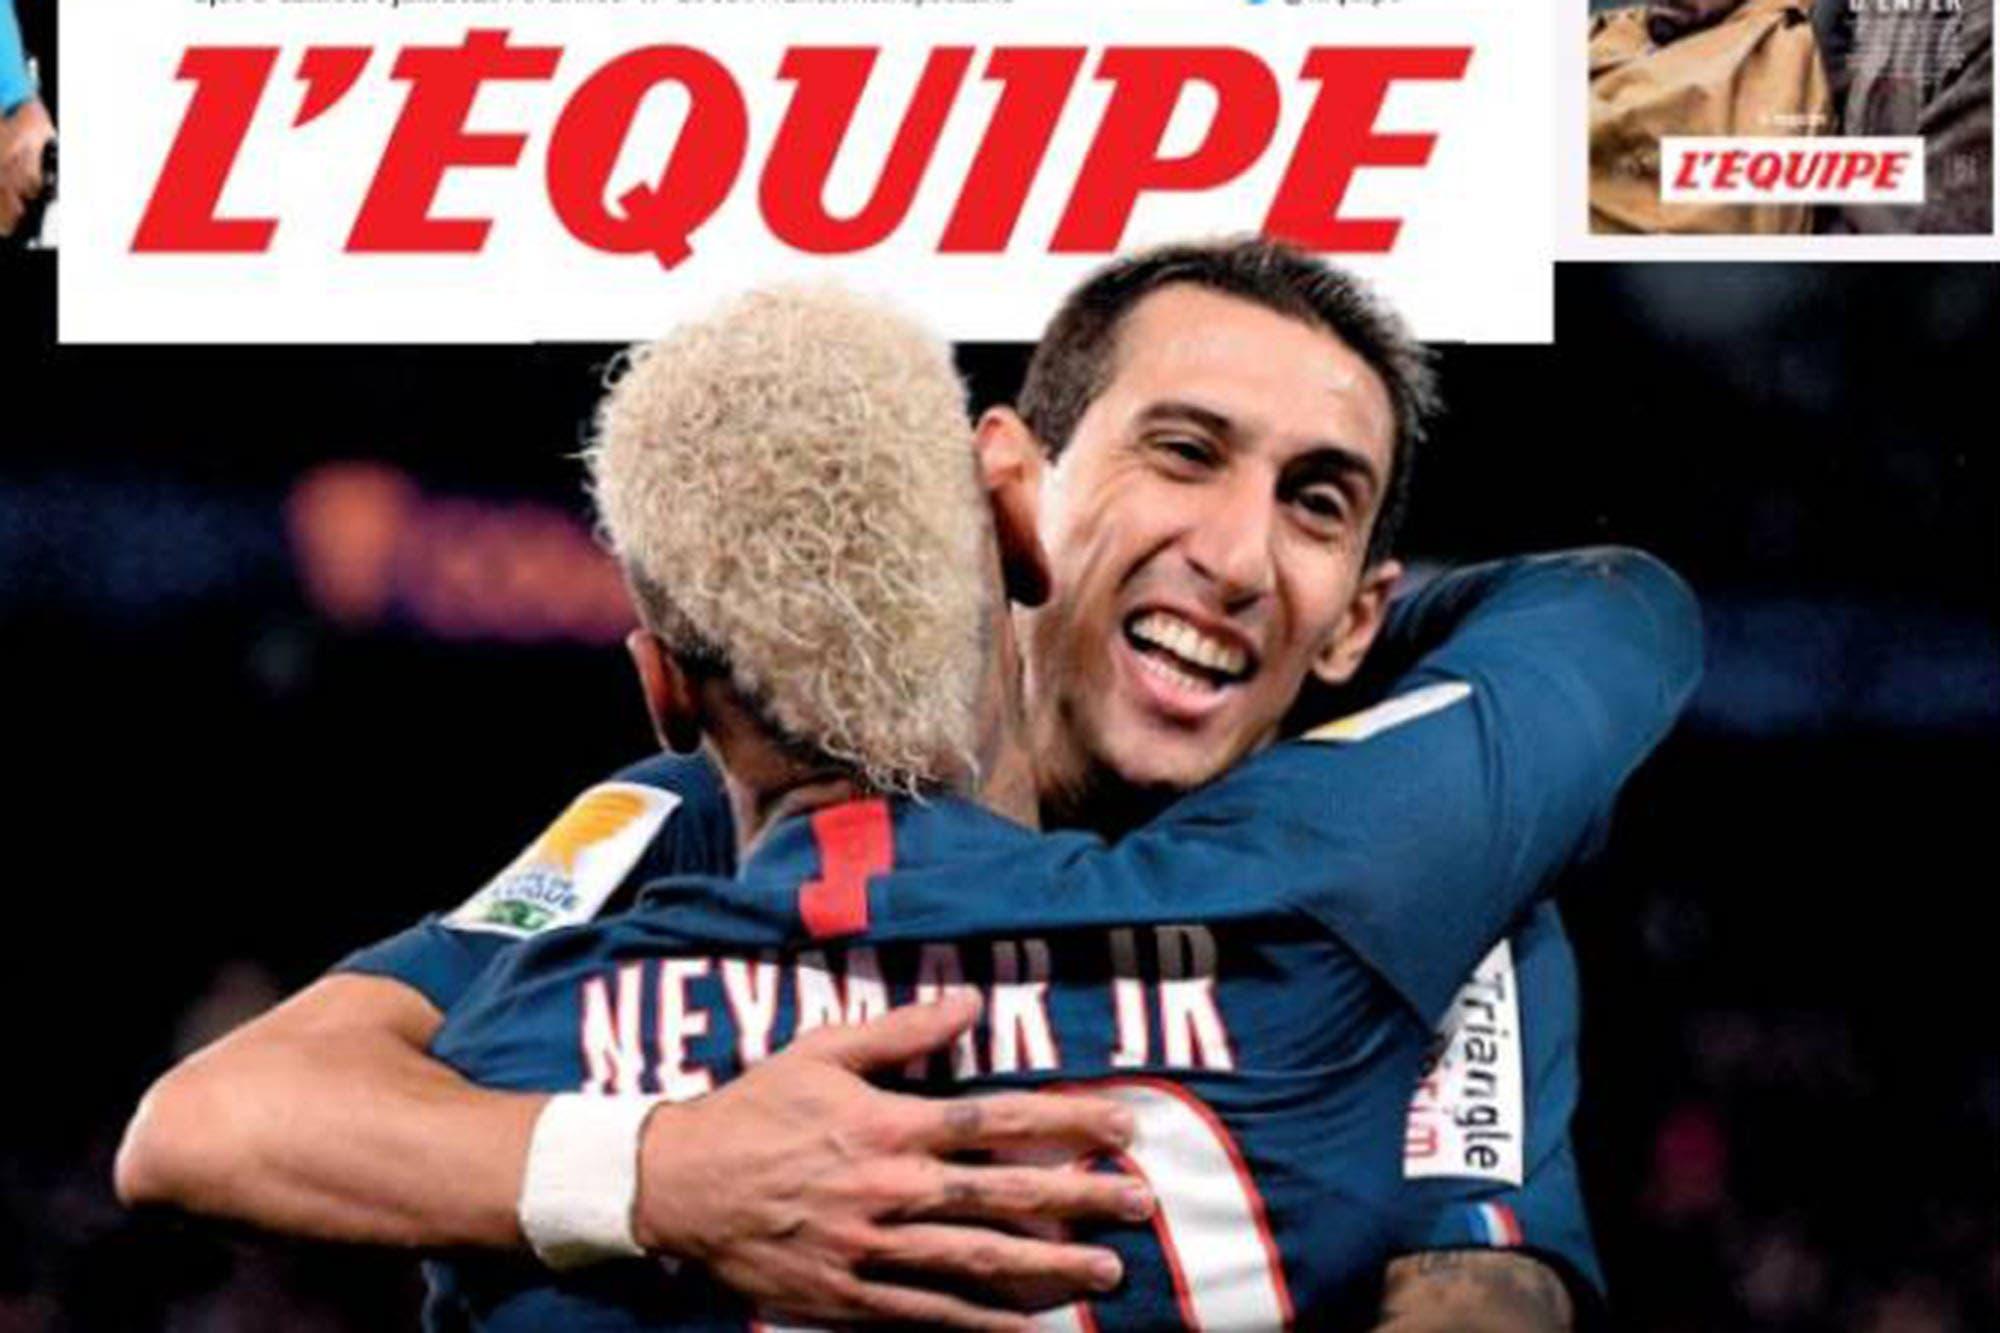 Di María brilla en Francia pero extraña la selección: su mensaje para Scaloni después de la mejor temporada en PSG